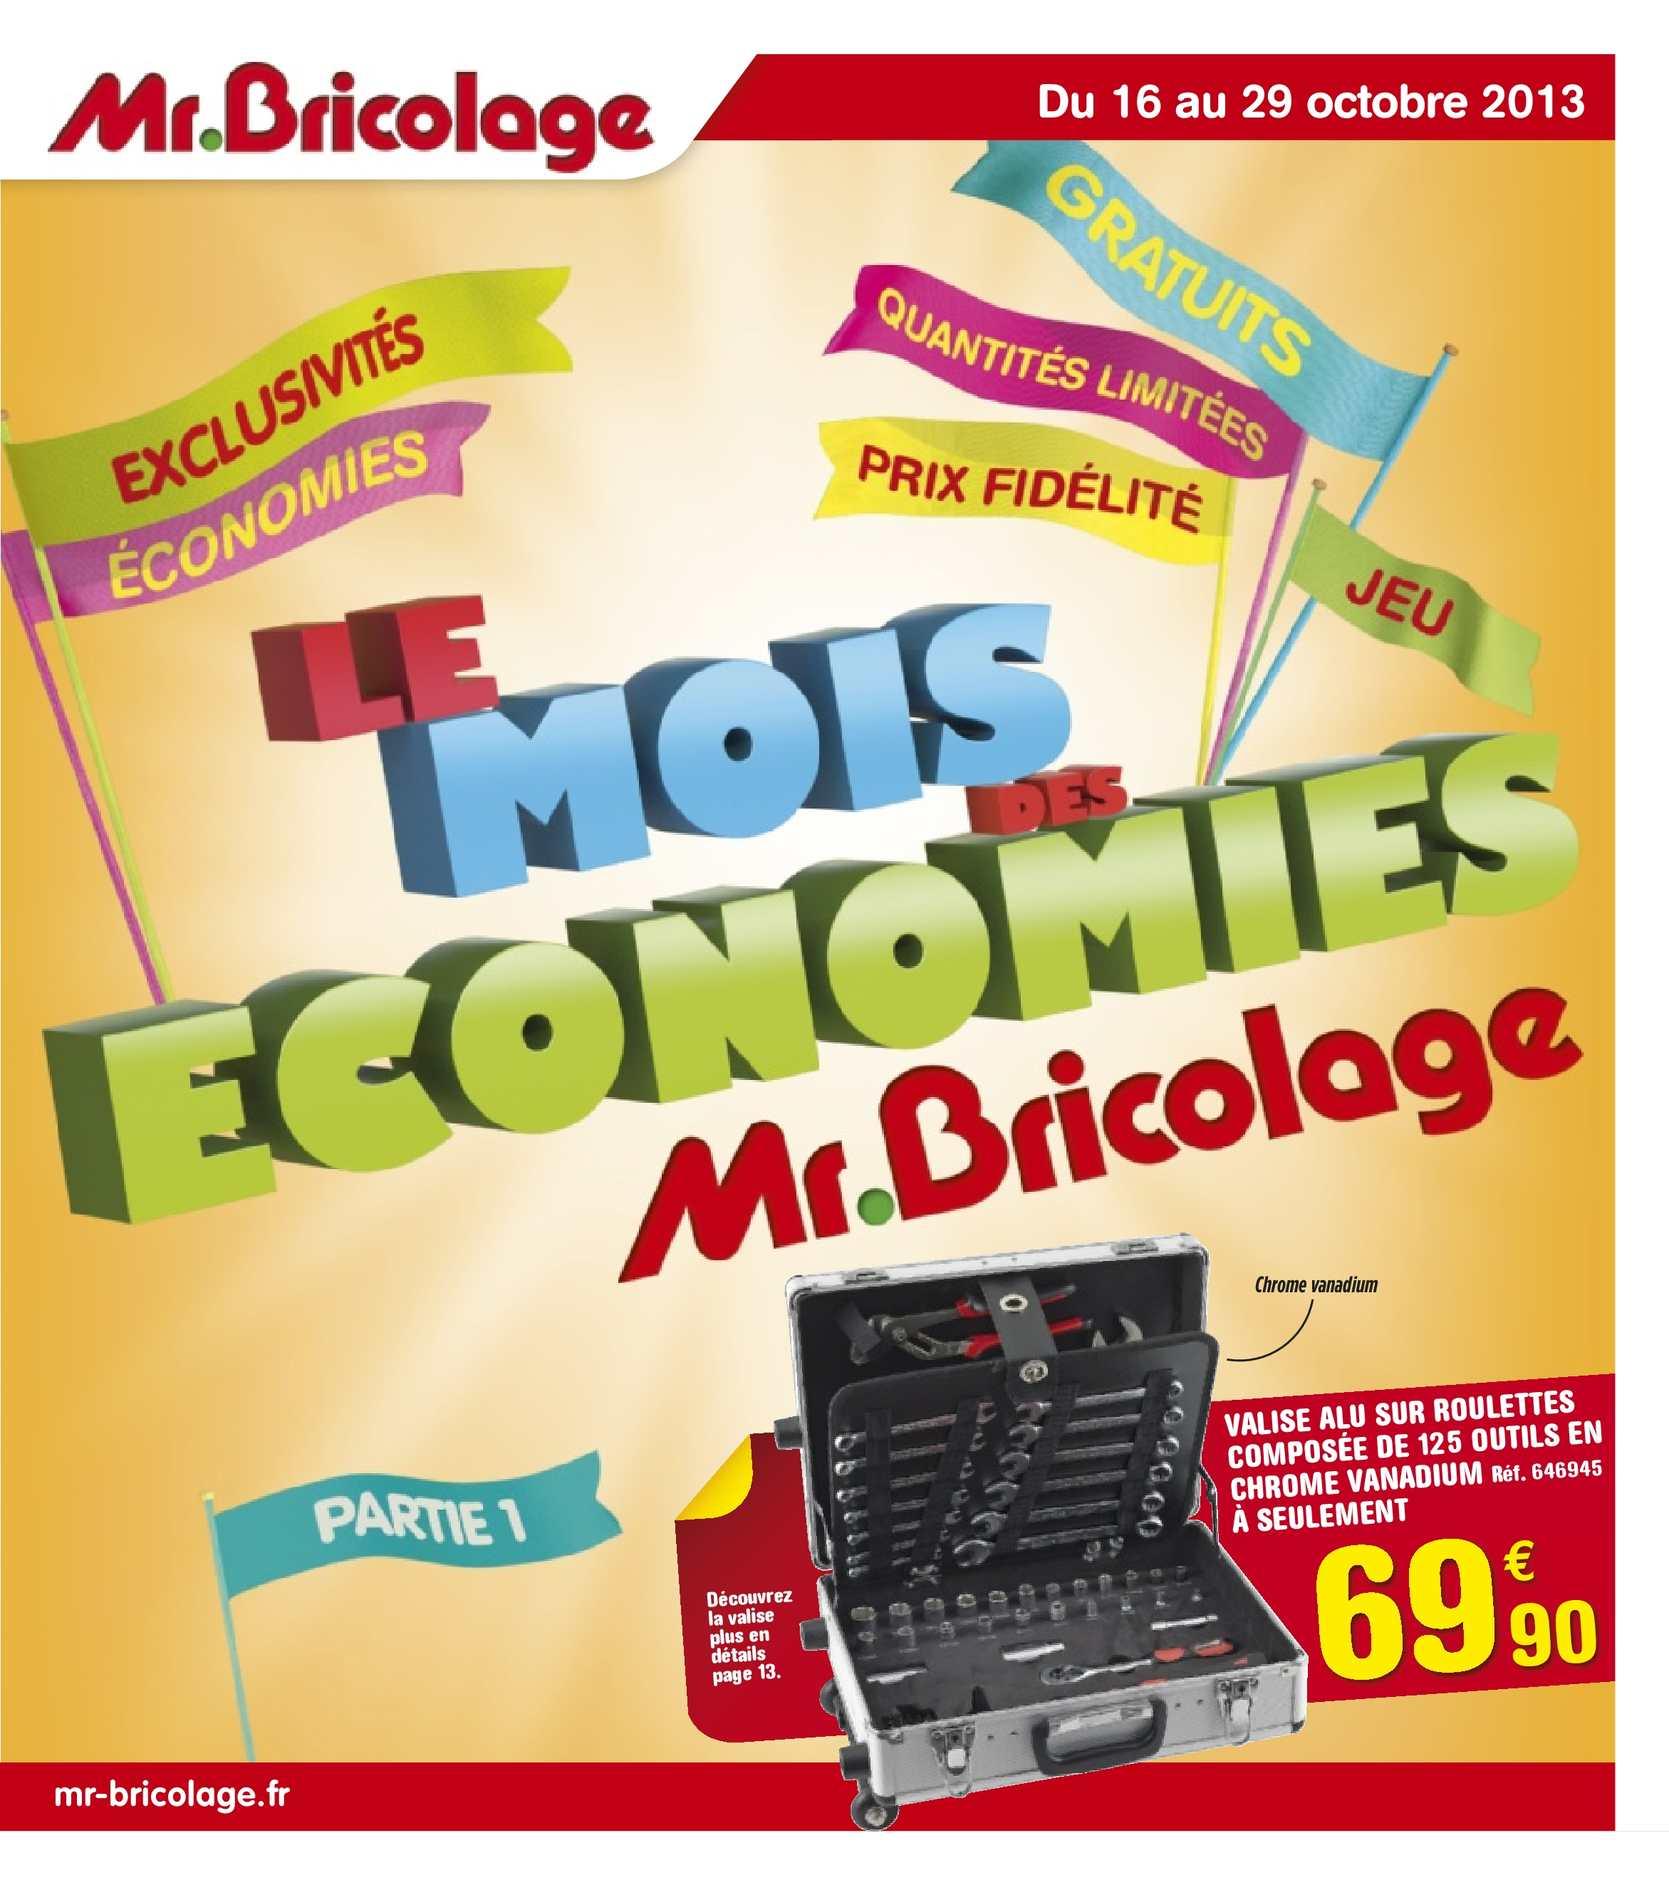 Calaméo Mrbricolage Catalogue Mois Des économies